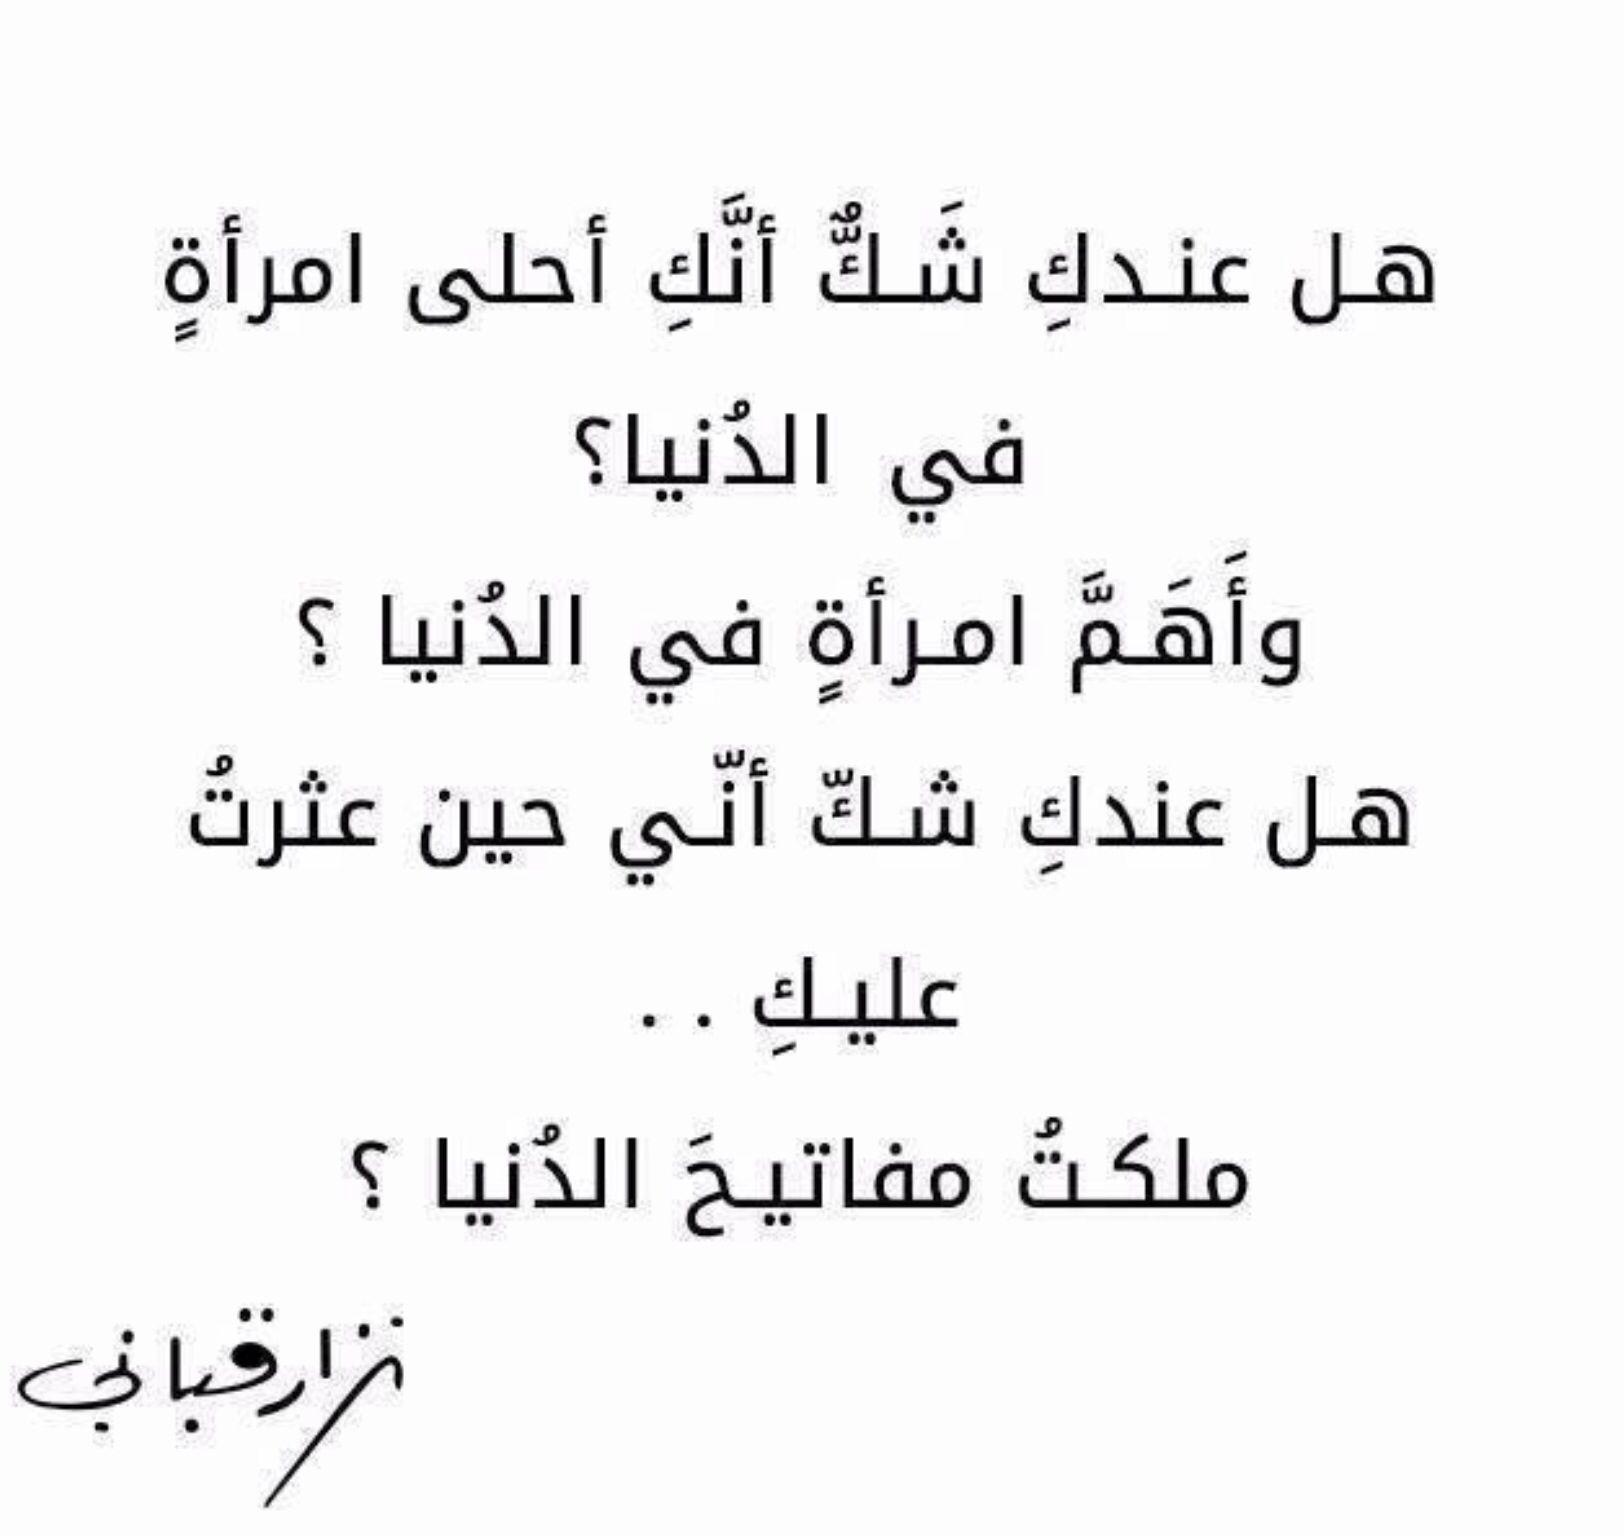 بالصور قصائد غزل فاحش , اروع قصائد الغزل الصريح 4904 3